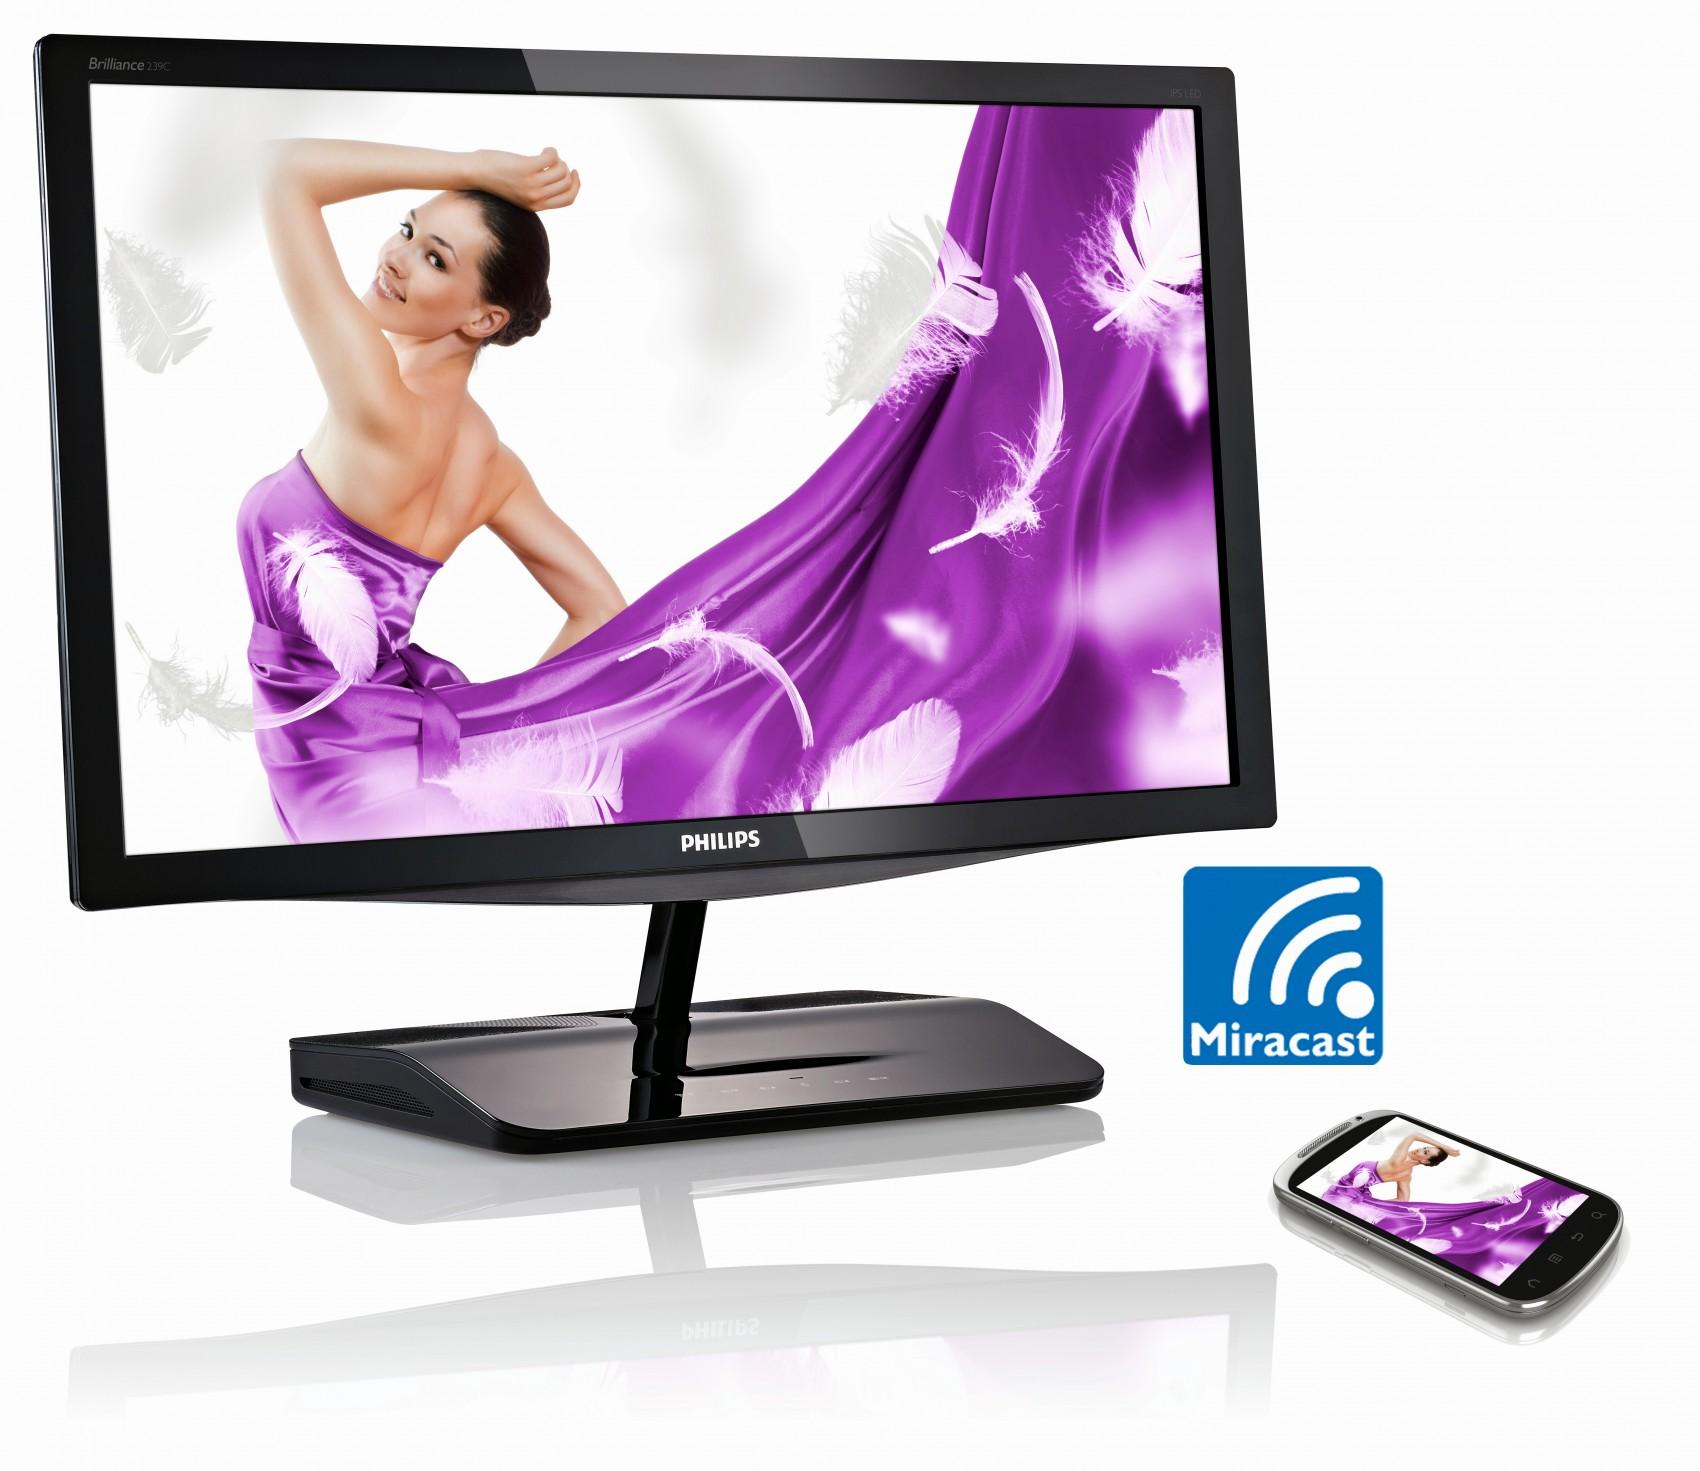 Stream dit indhold fra en Android mobil eller tablet på en monitor